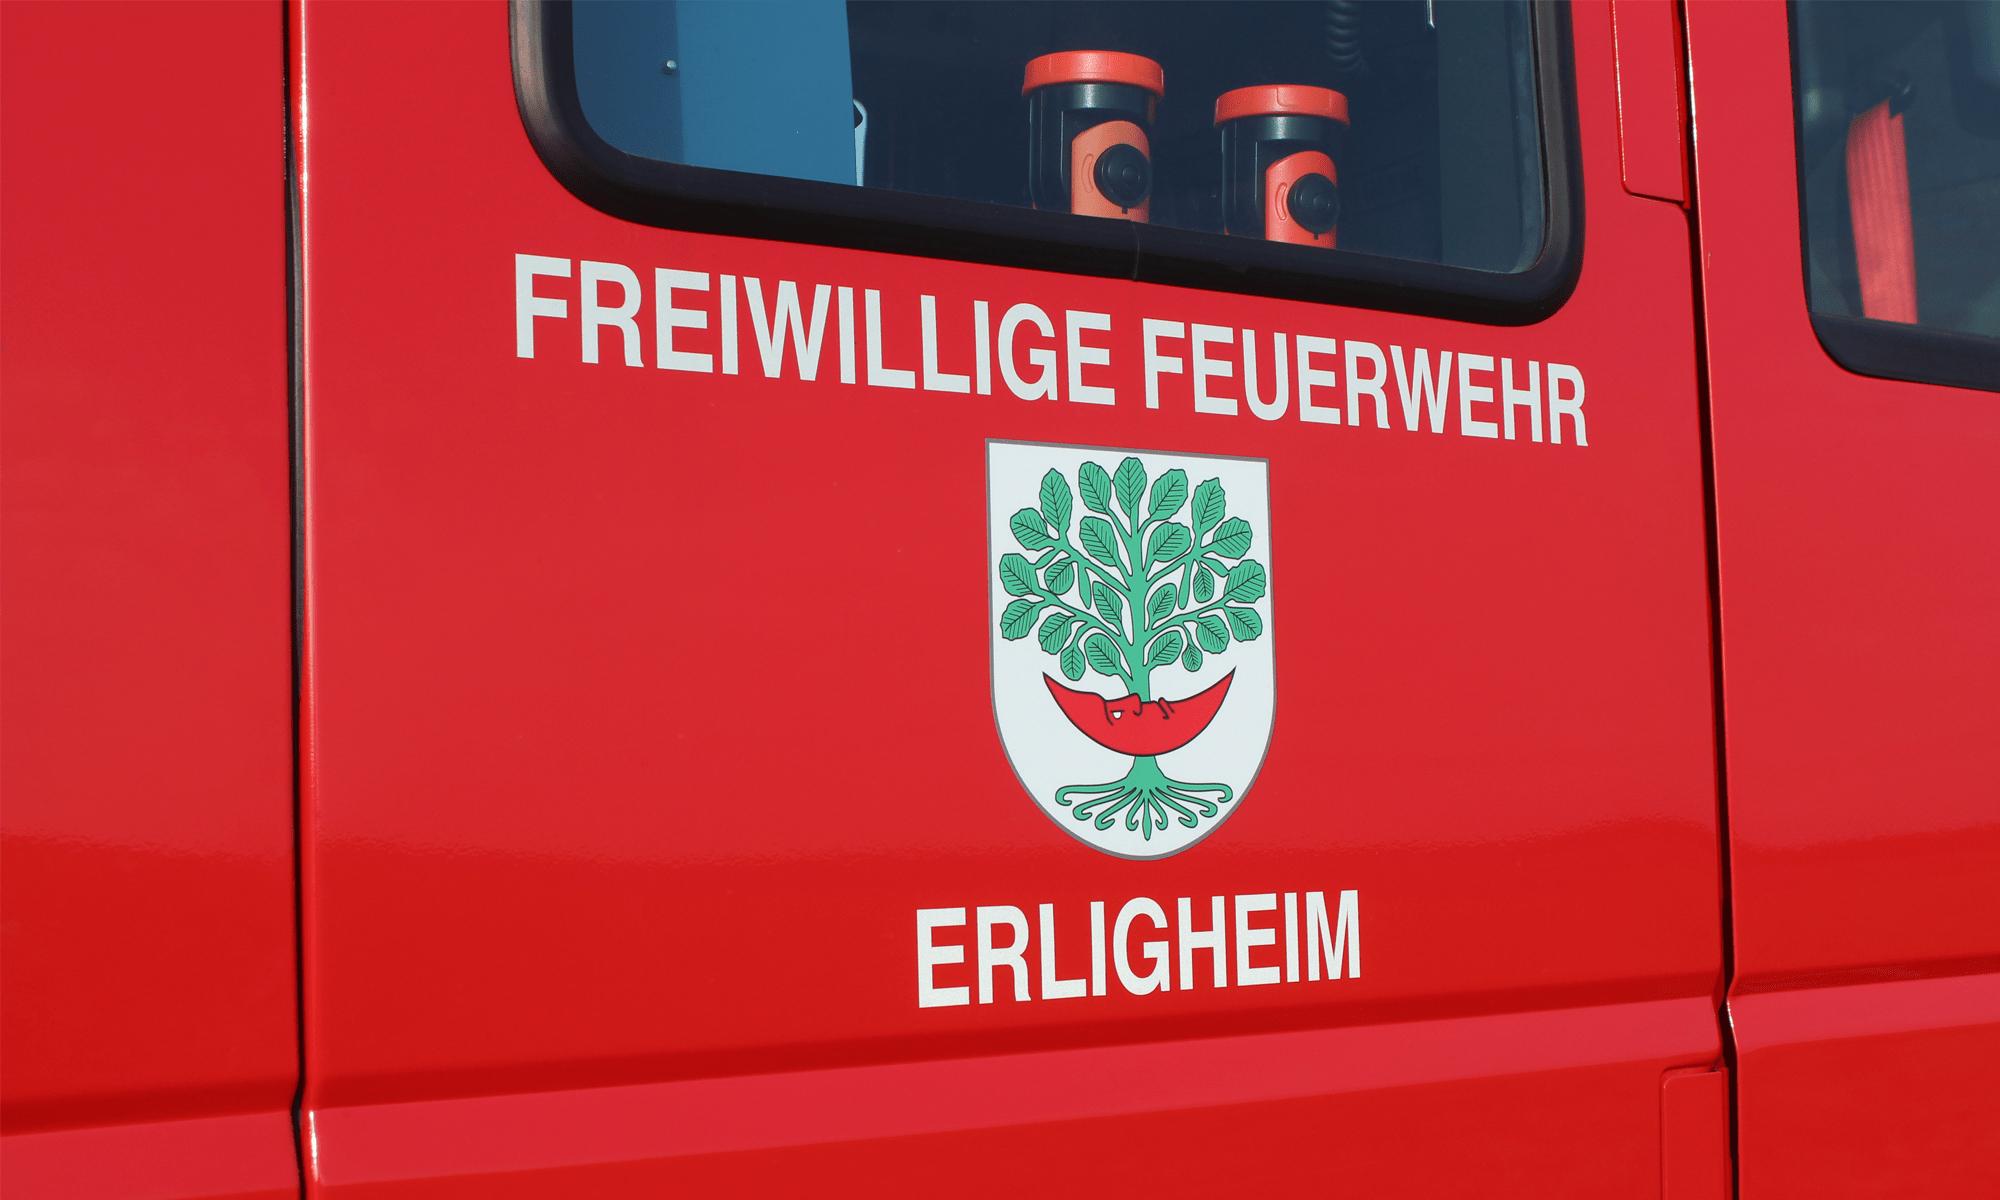 Freiwillge Feuerwehr Erligheim